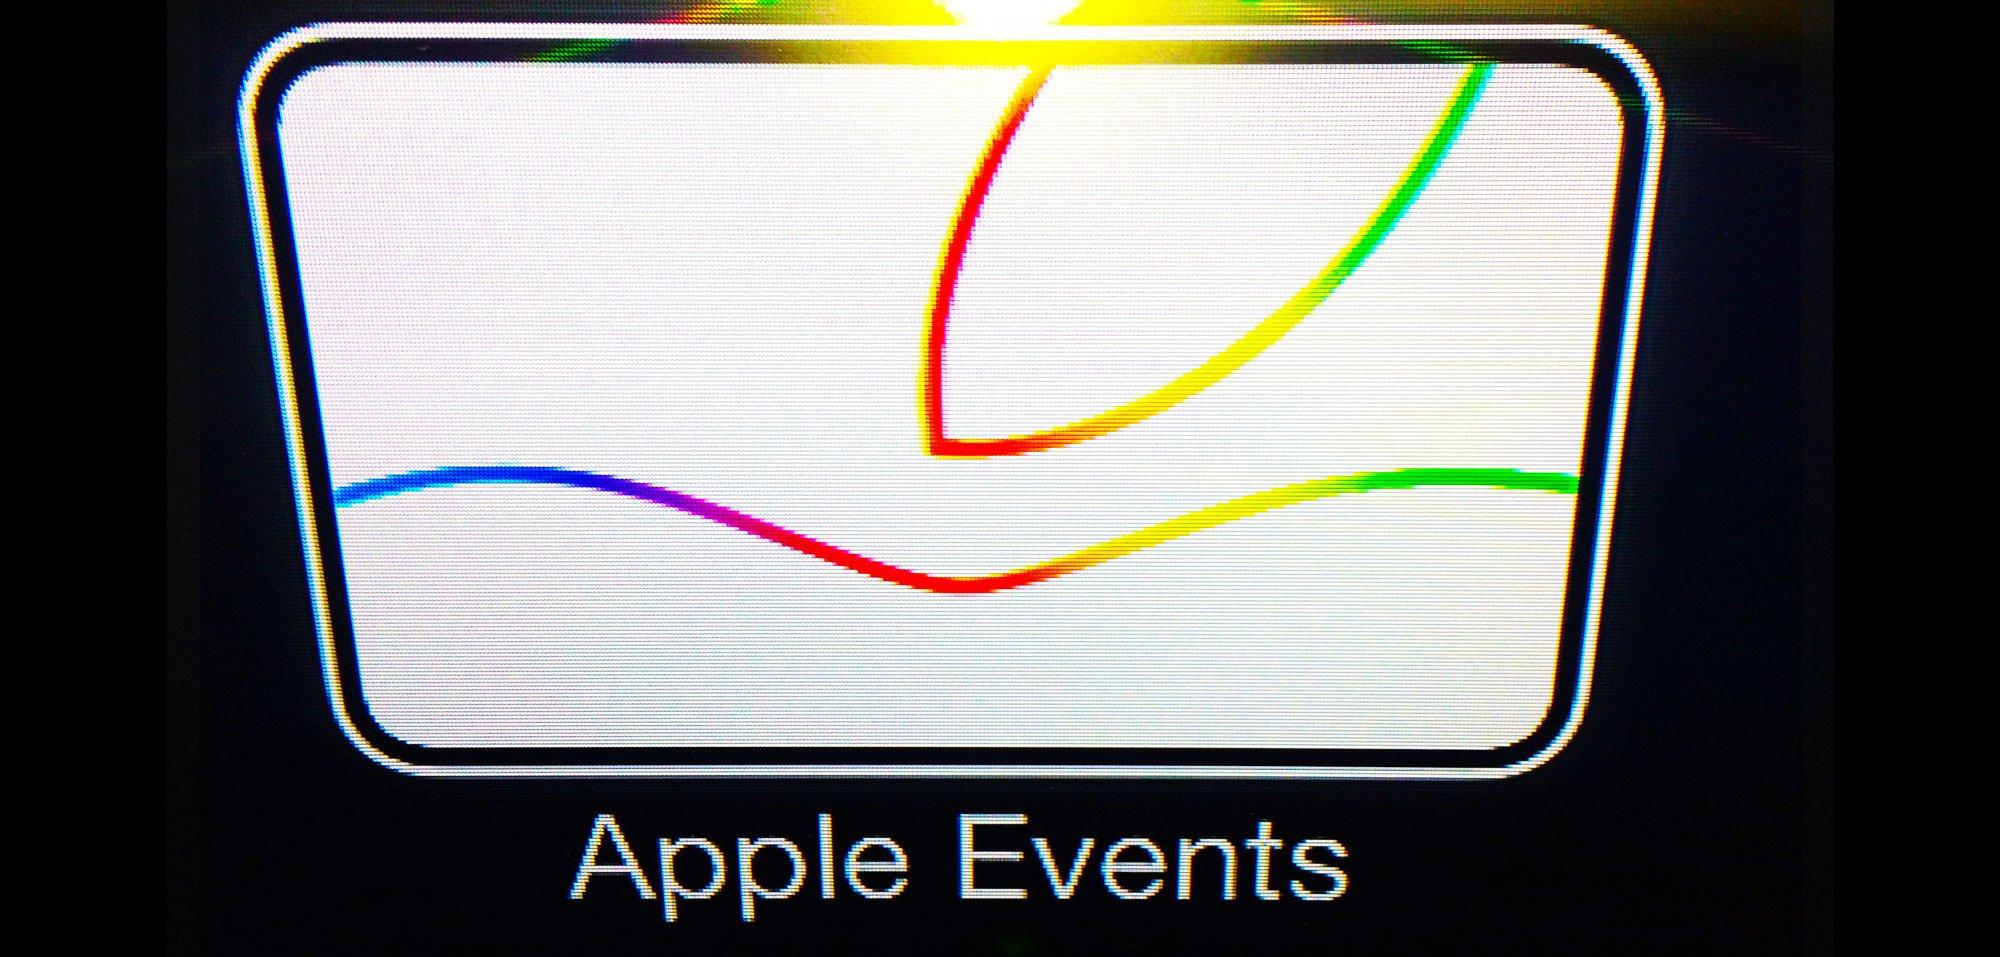 Apple TV Livestream iPad Air 2 Keynote!  8